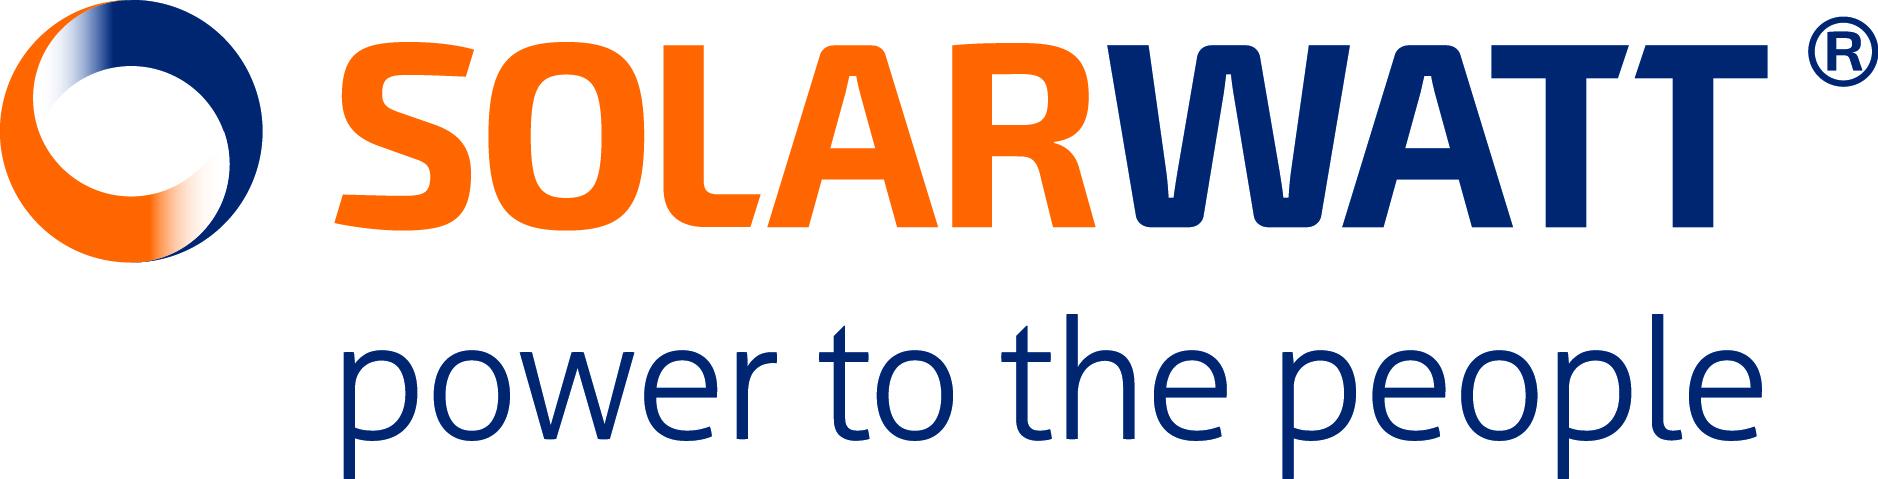 marke_solarwatt_claim_quer_4c_w(2)